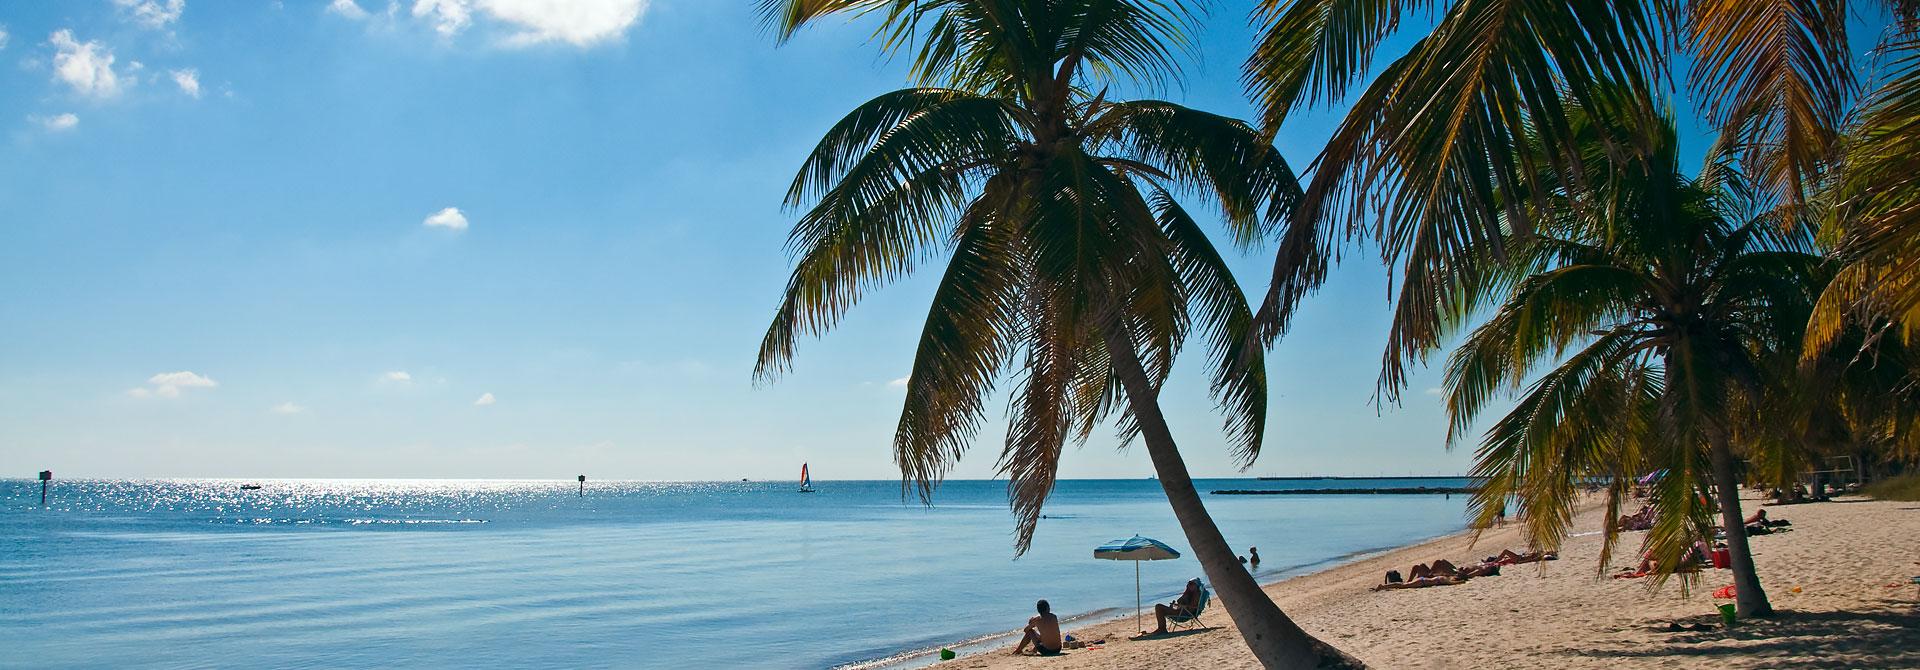 Key West USA